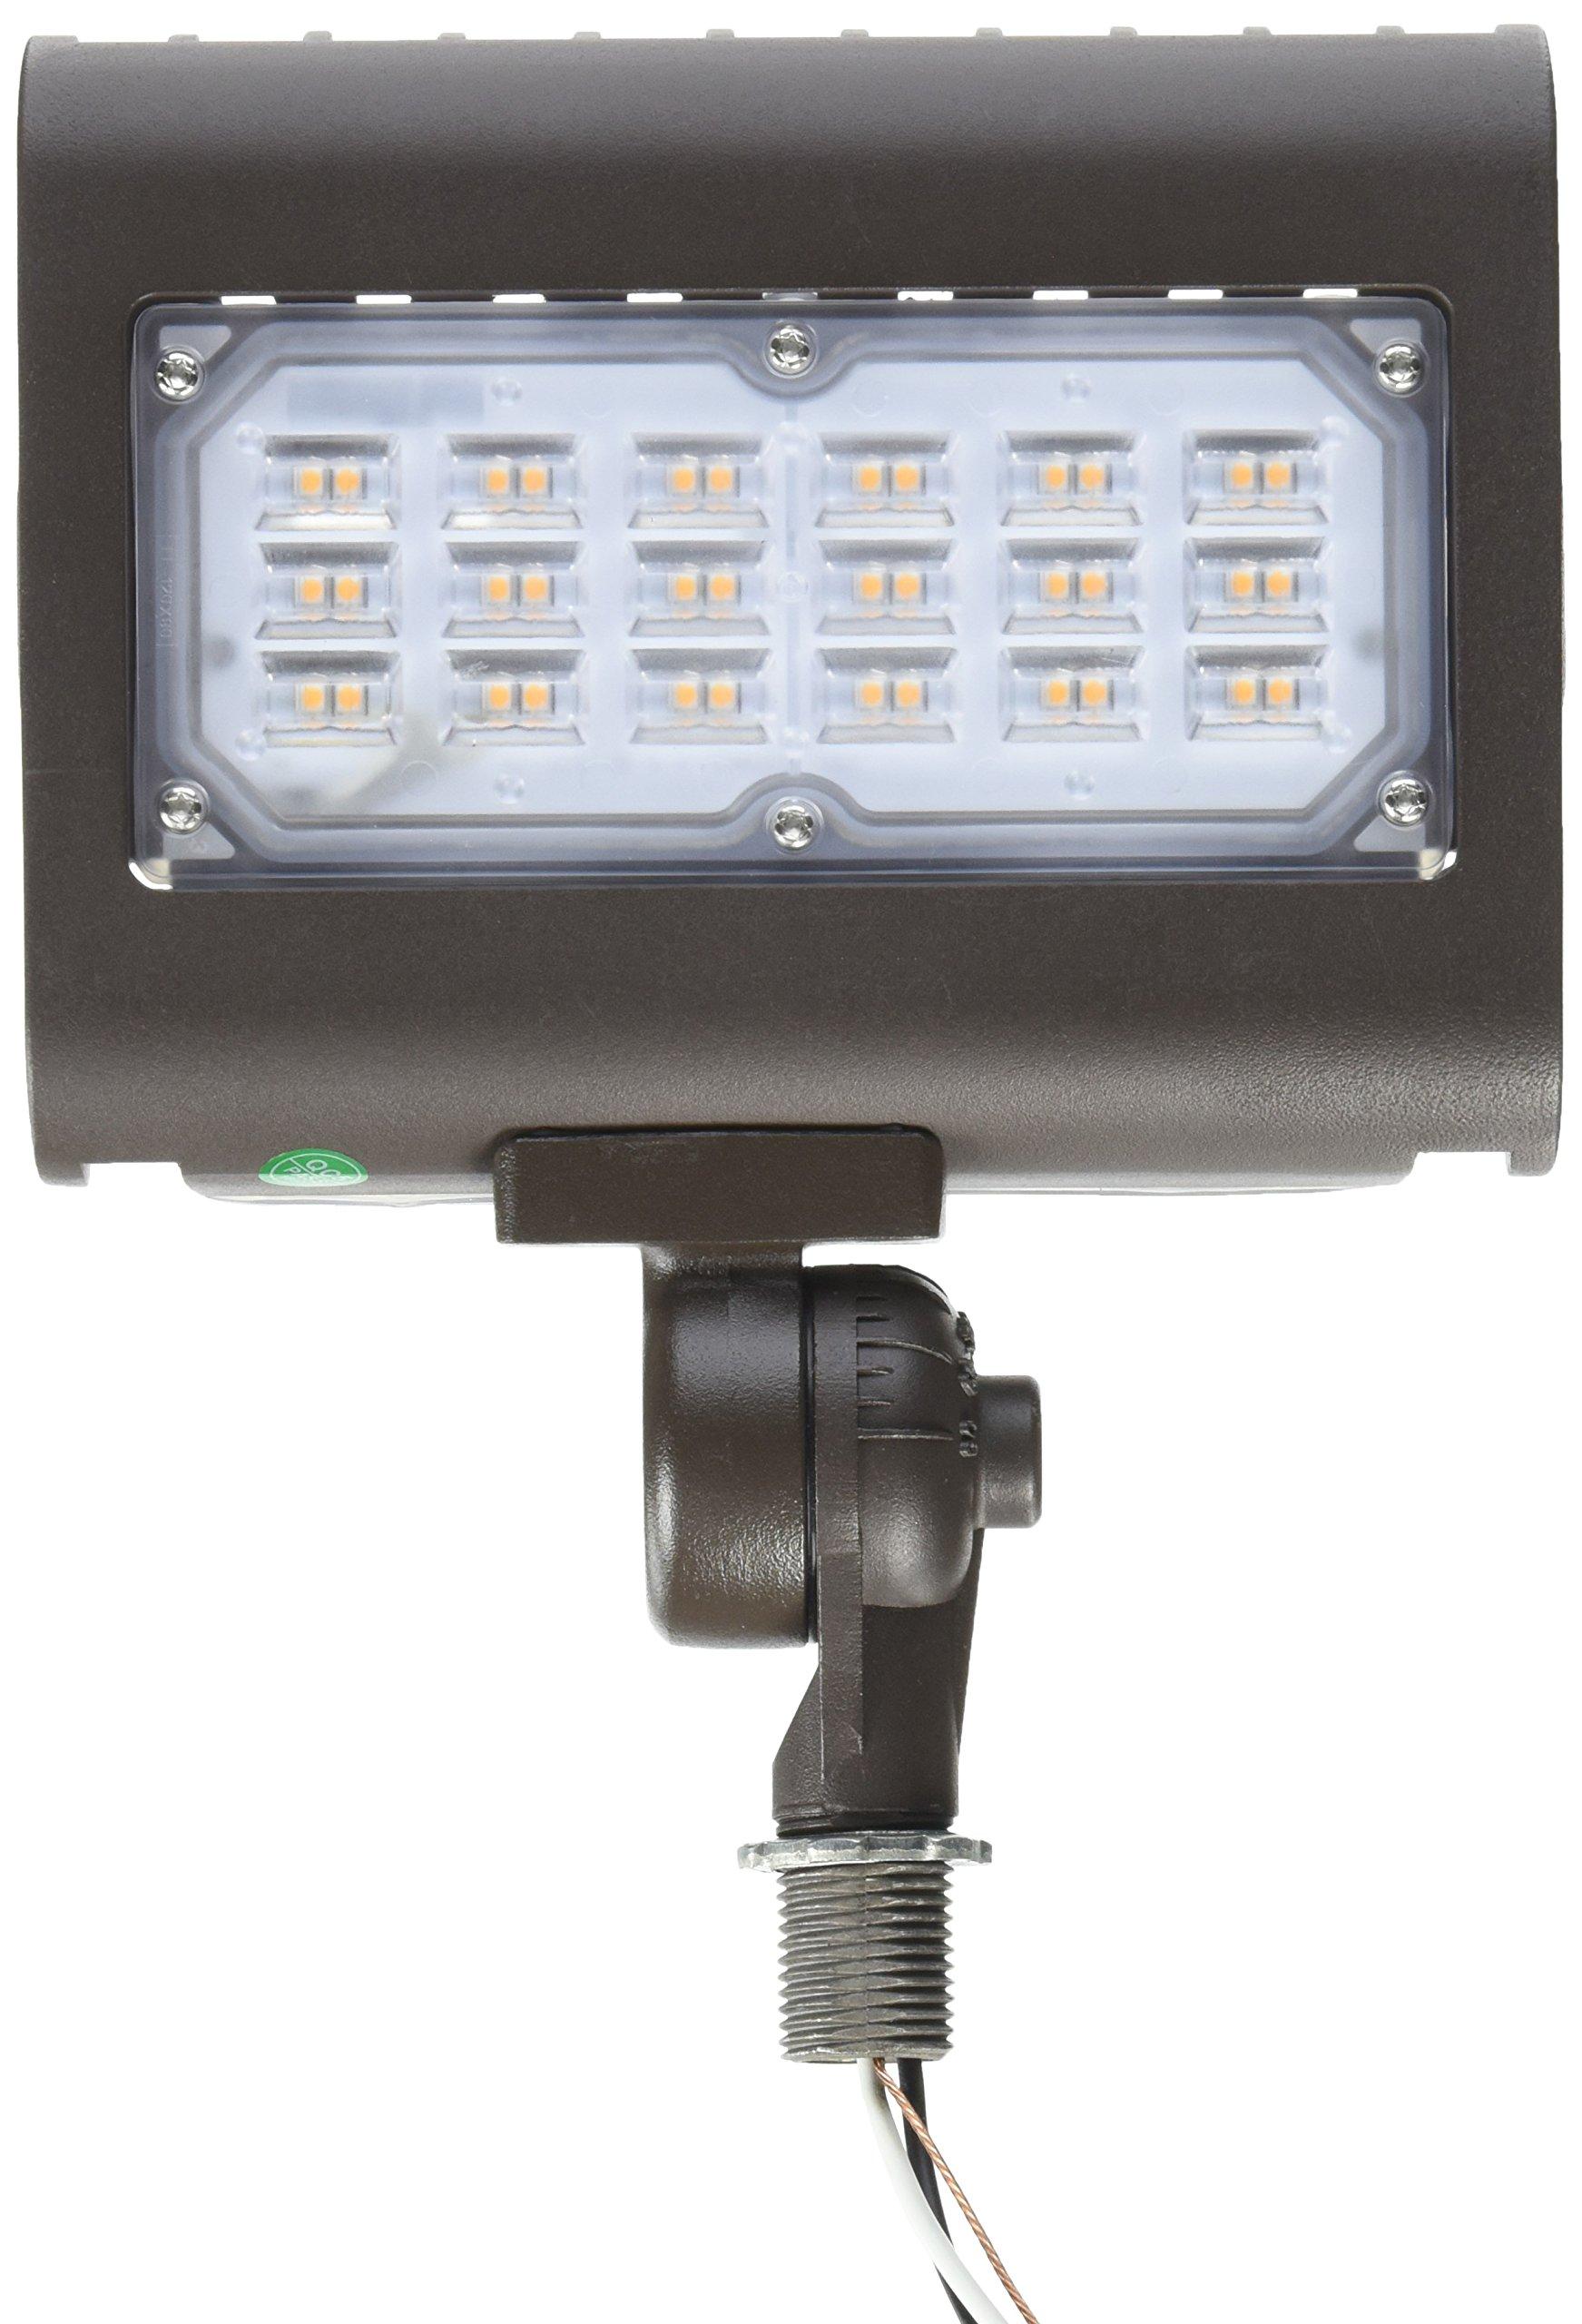 Morris 71555 30W 3000K LED Flat Panel Flood Light with 1/2'' Adjustable Knuckle Mount, 2900 lm, 120-277V, Bronze